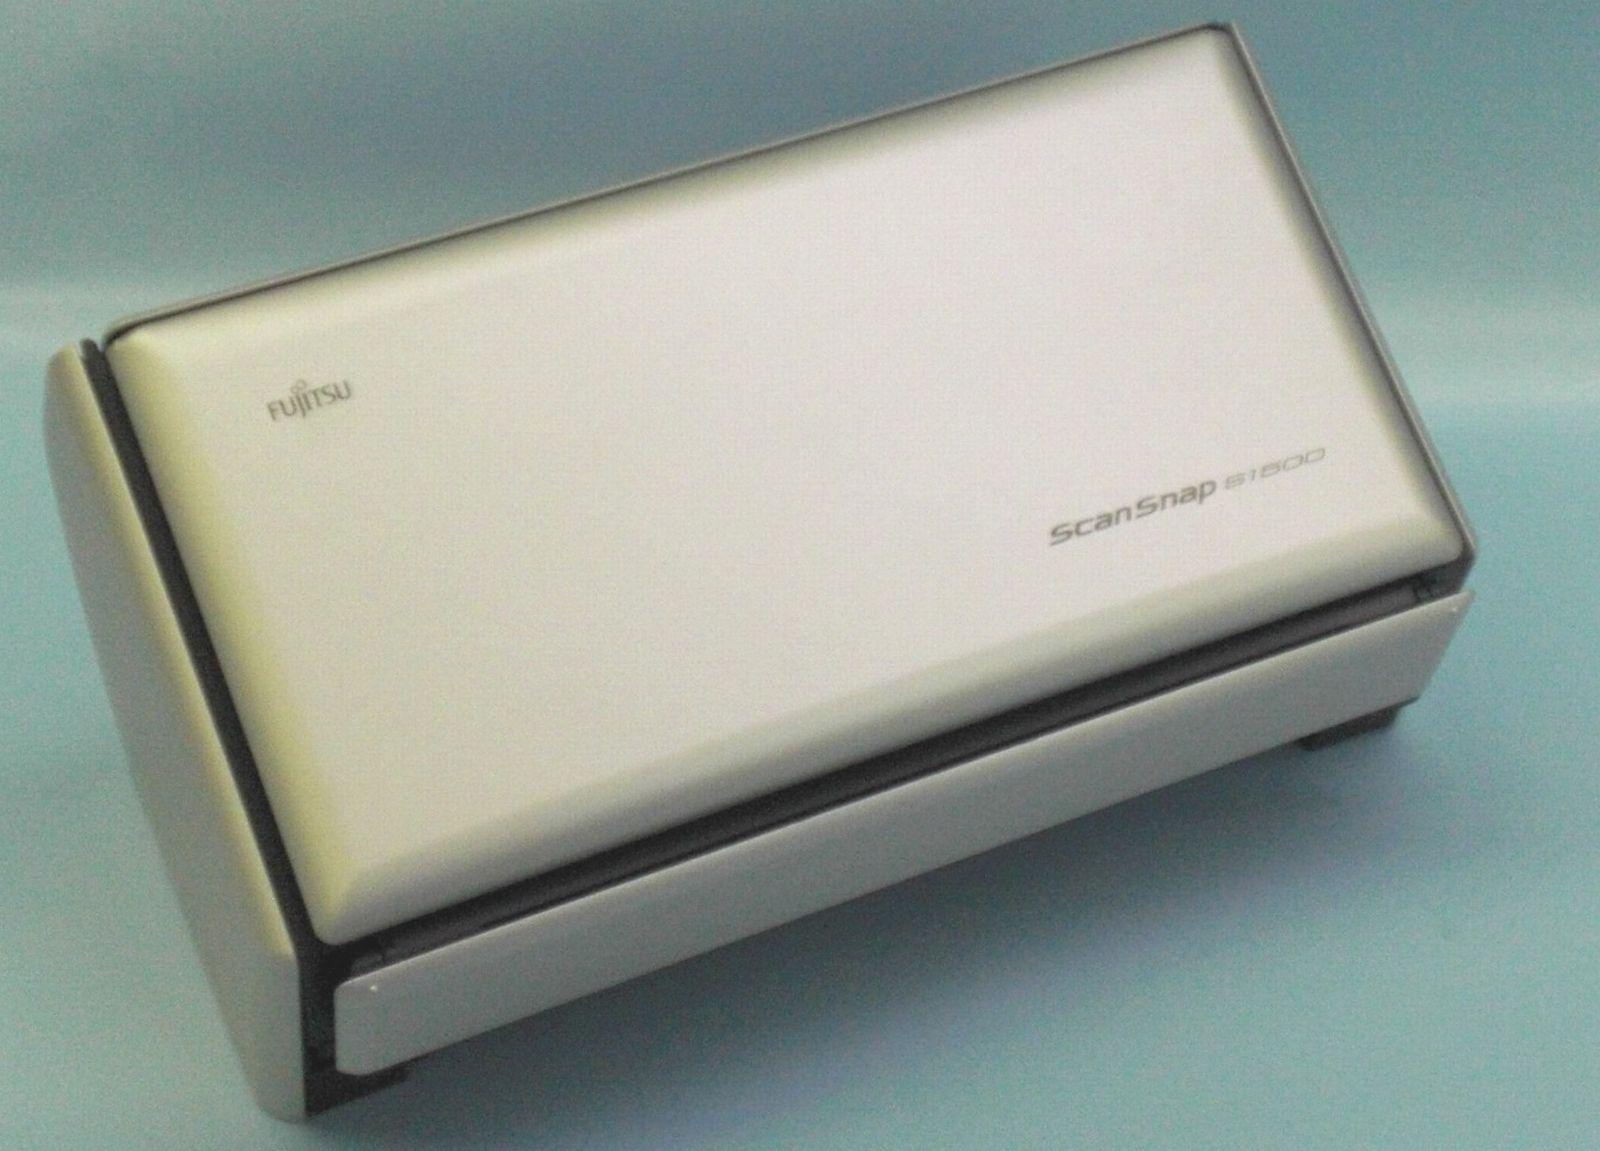 富士通 スキャナー(ScanSnap S1500)